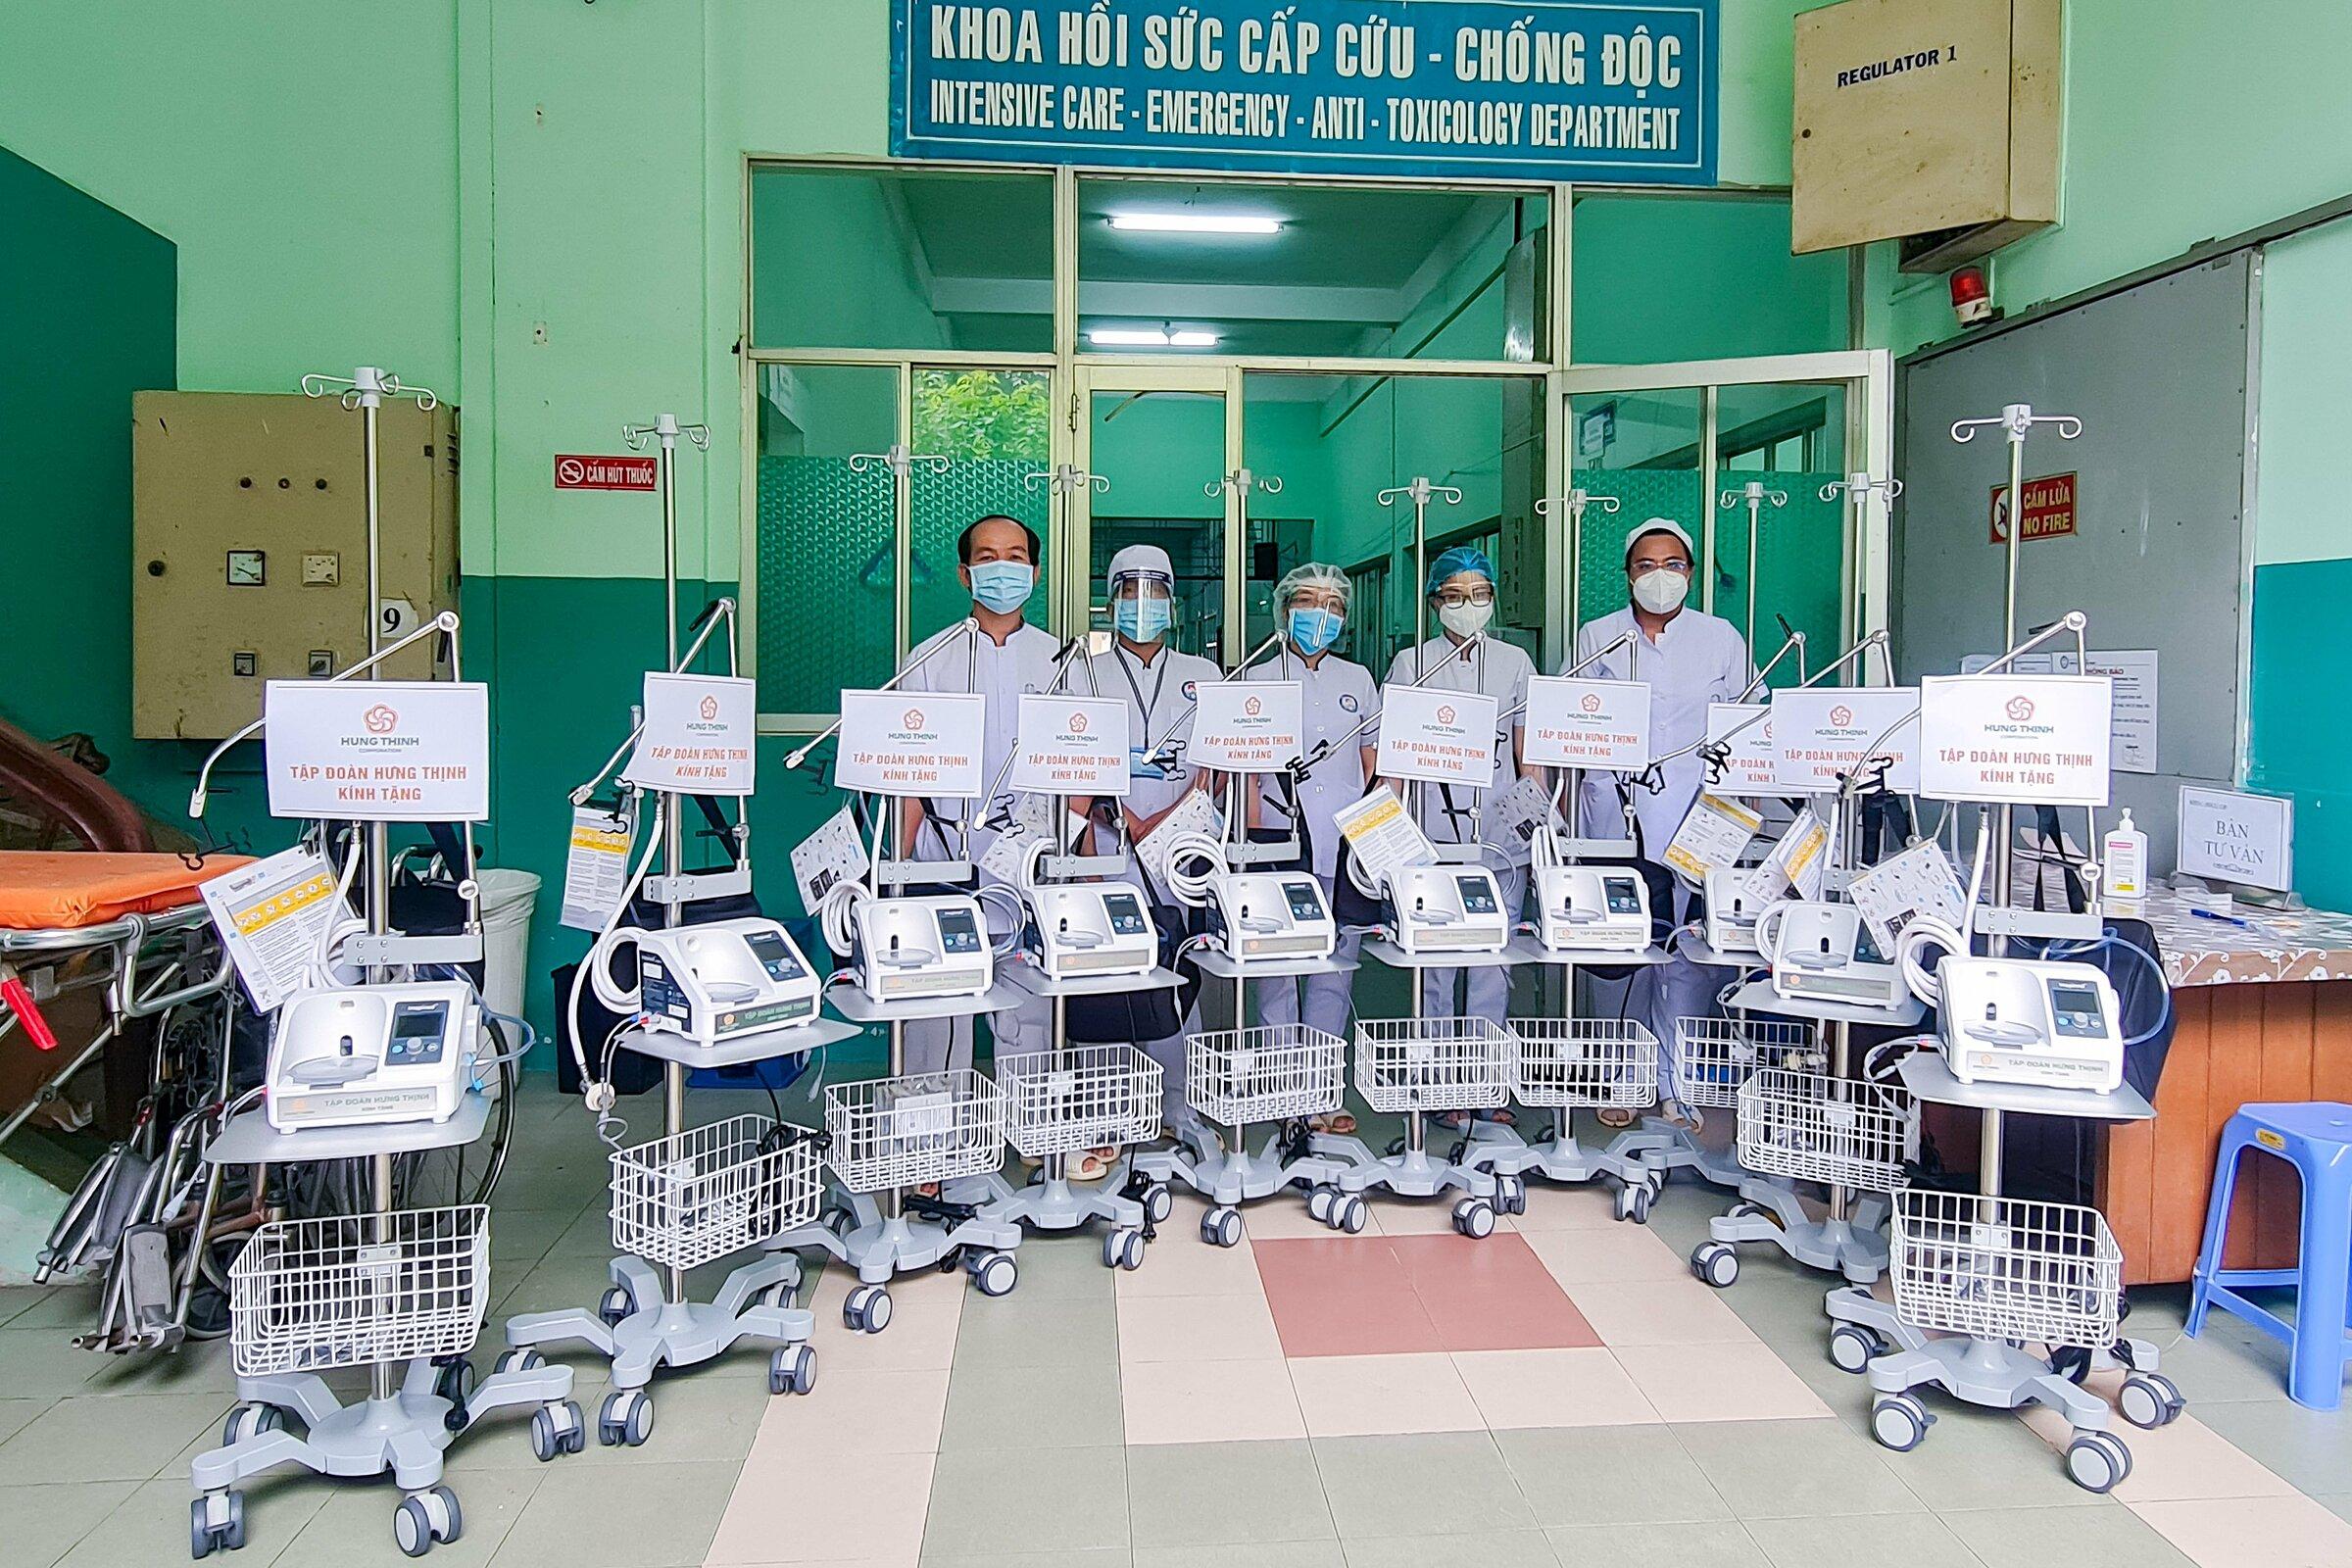 Các máy thở oxy dòng cao không xâm lấn giúp hỗ trợ hiệu quả trong công tác điều trị Covid-19. Ảnh: Tập đoàn Hưng Thịnh.